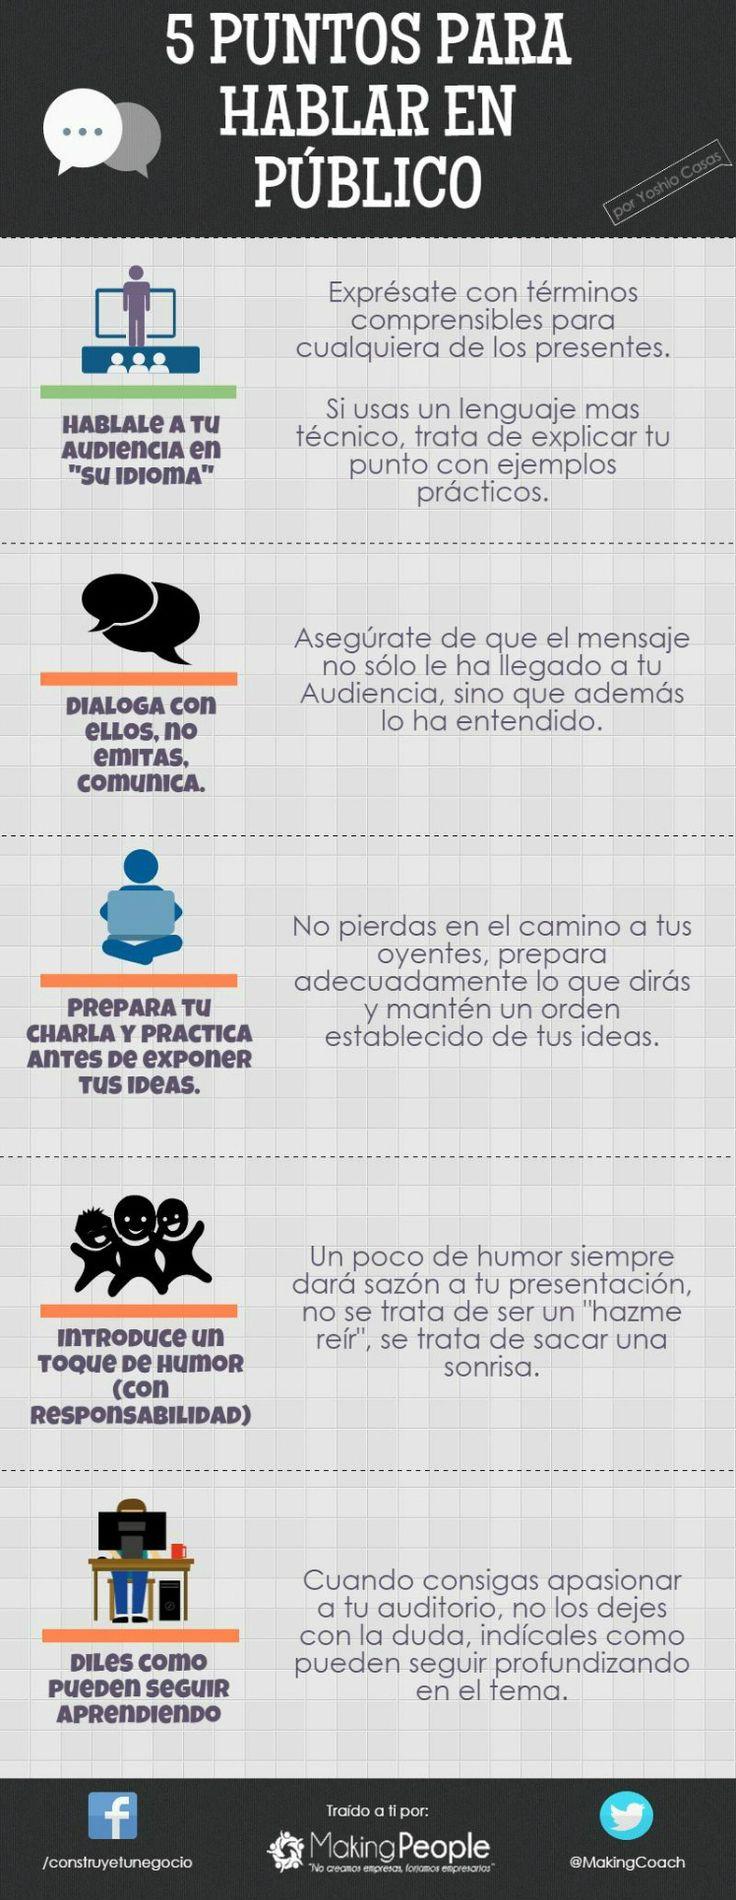 5 consejos para hablar en público. #infografia #infographic